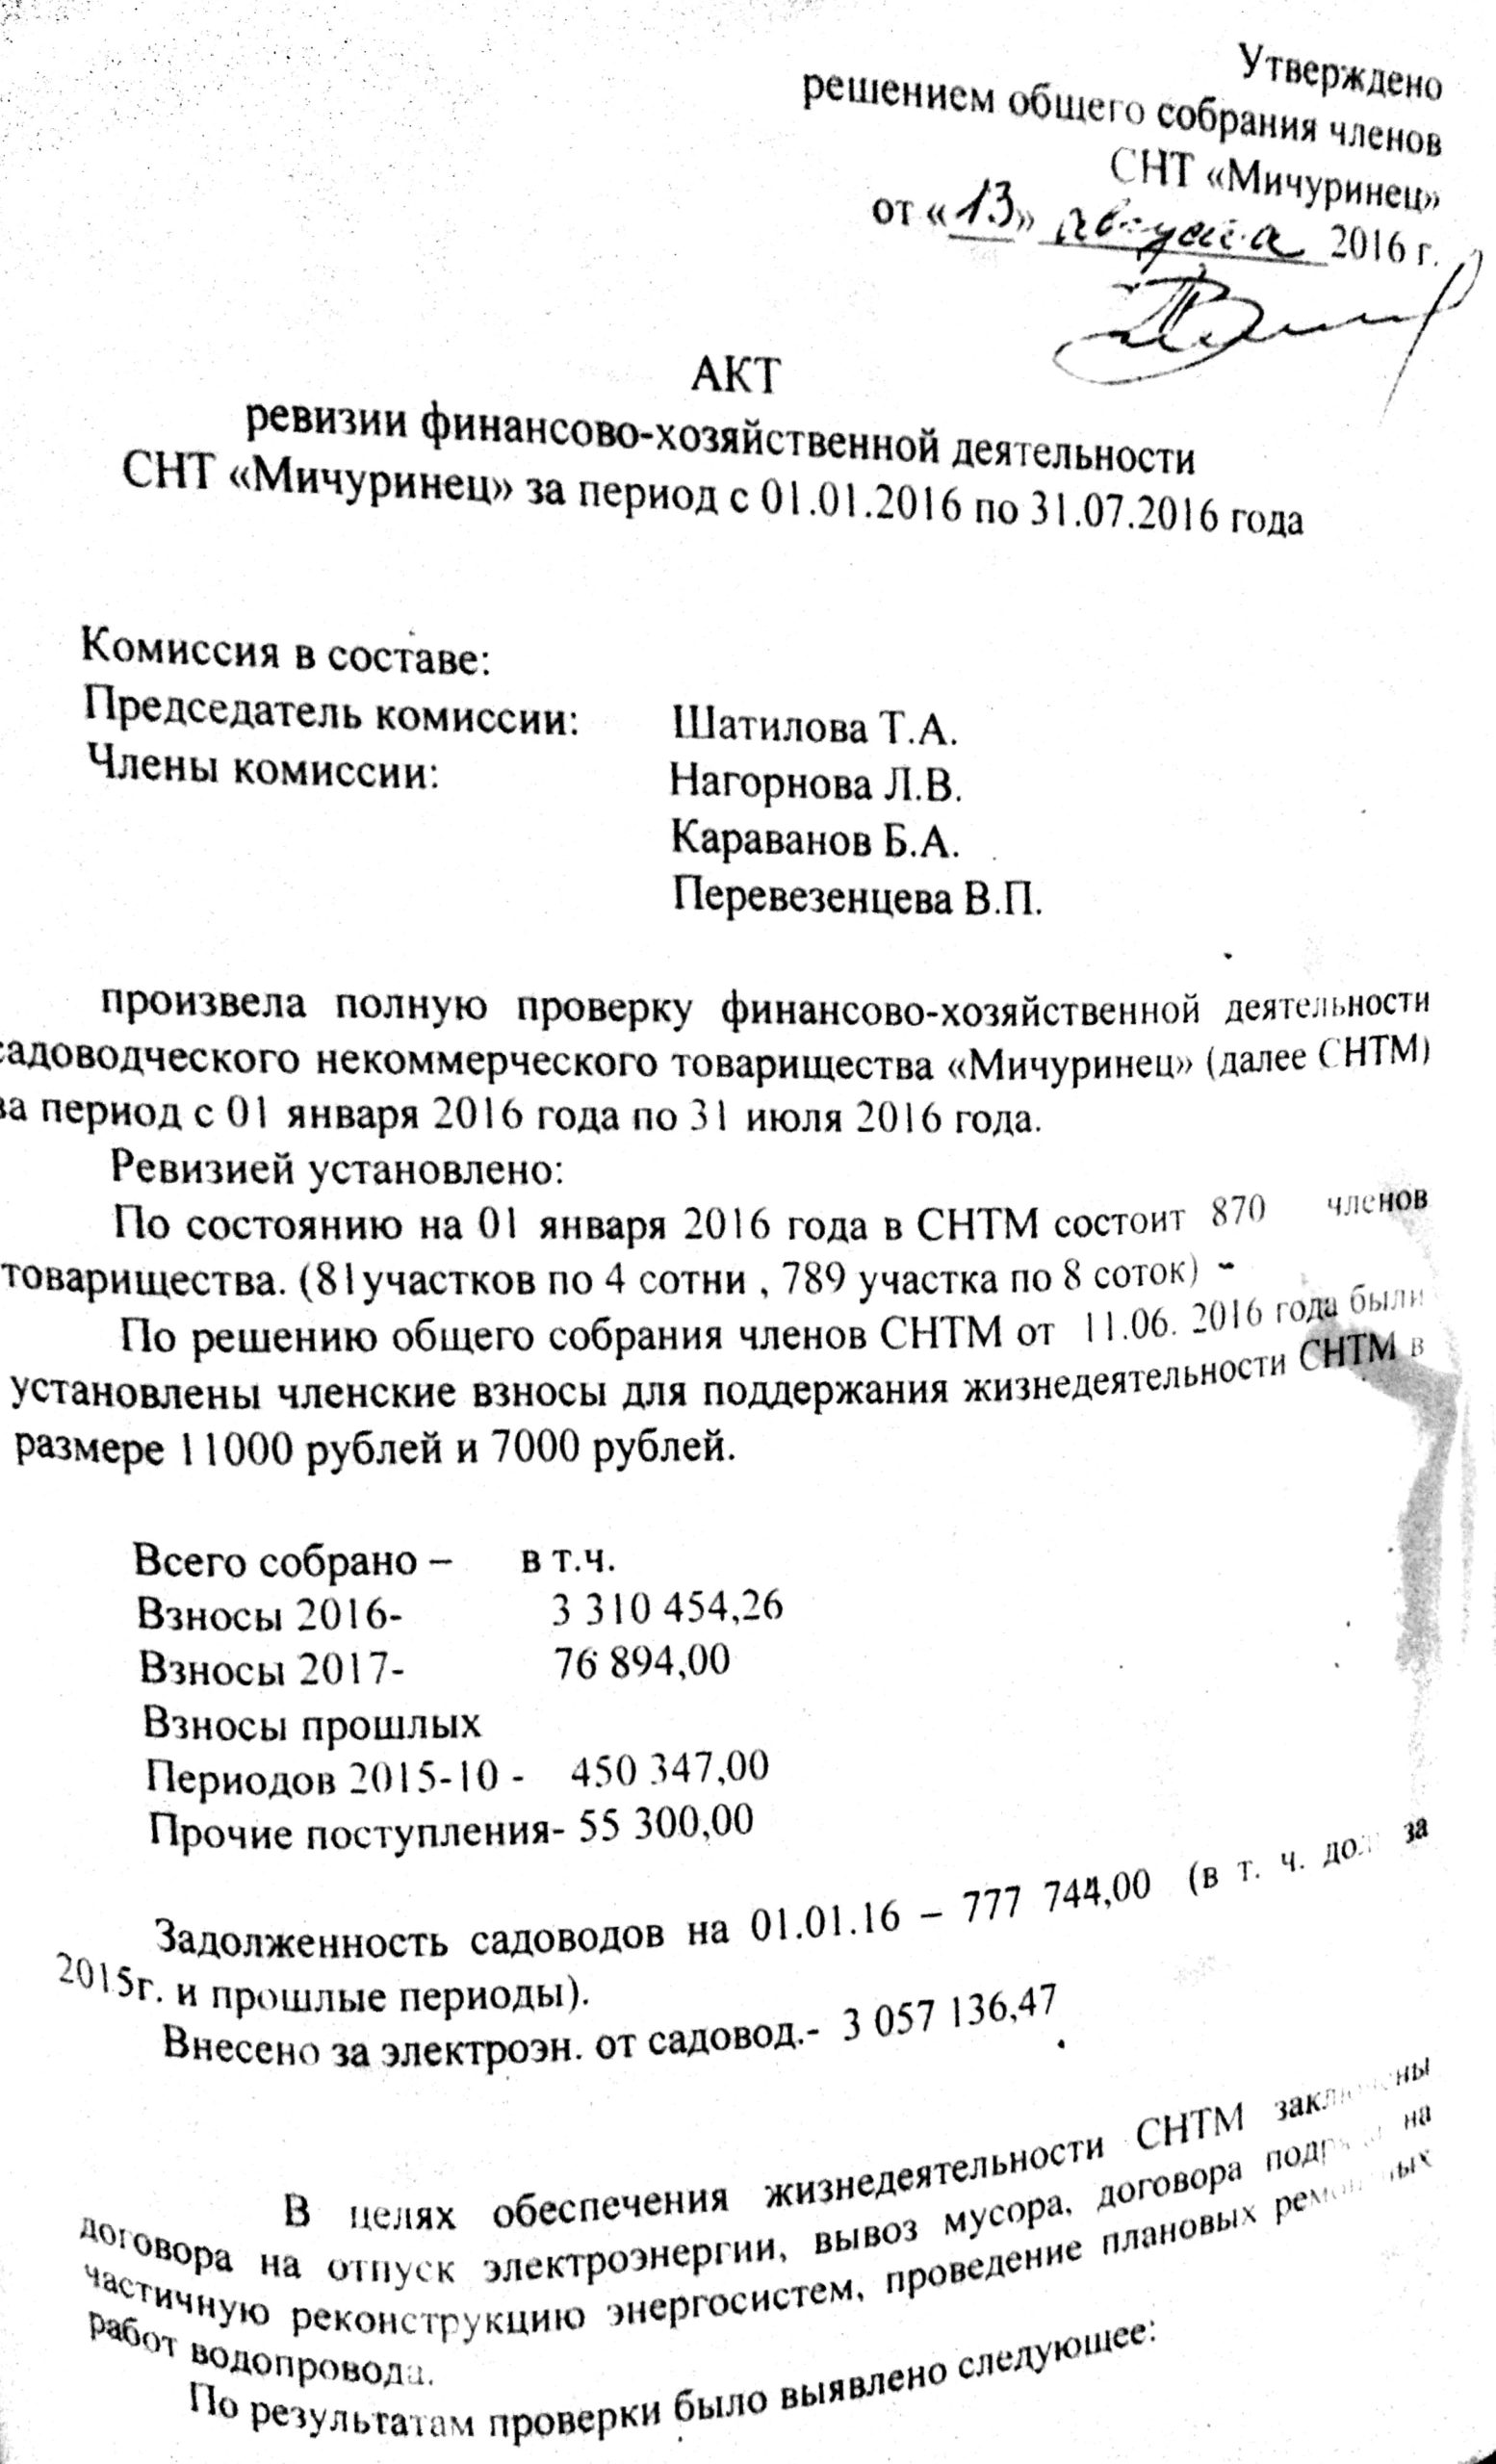 chislo-chlenov-kotirovochnoy-komissii